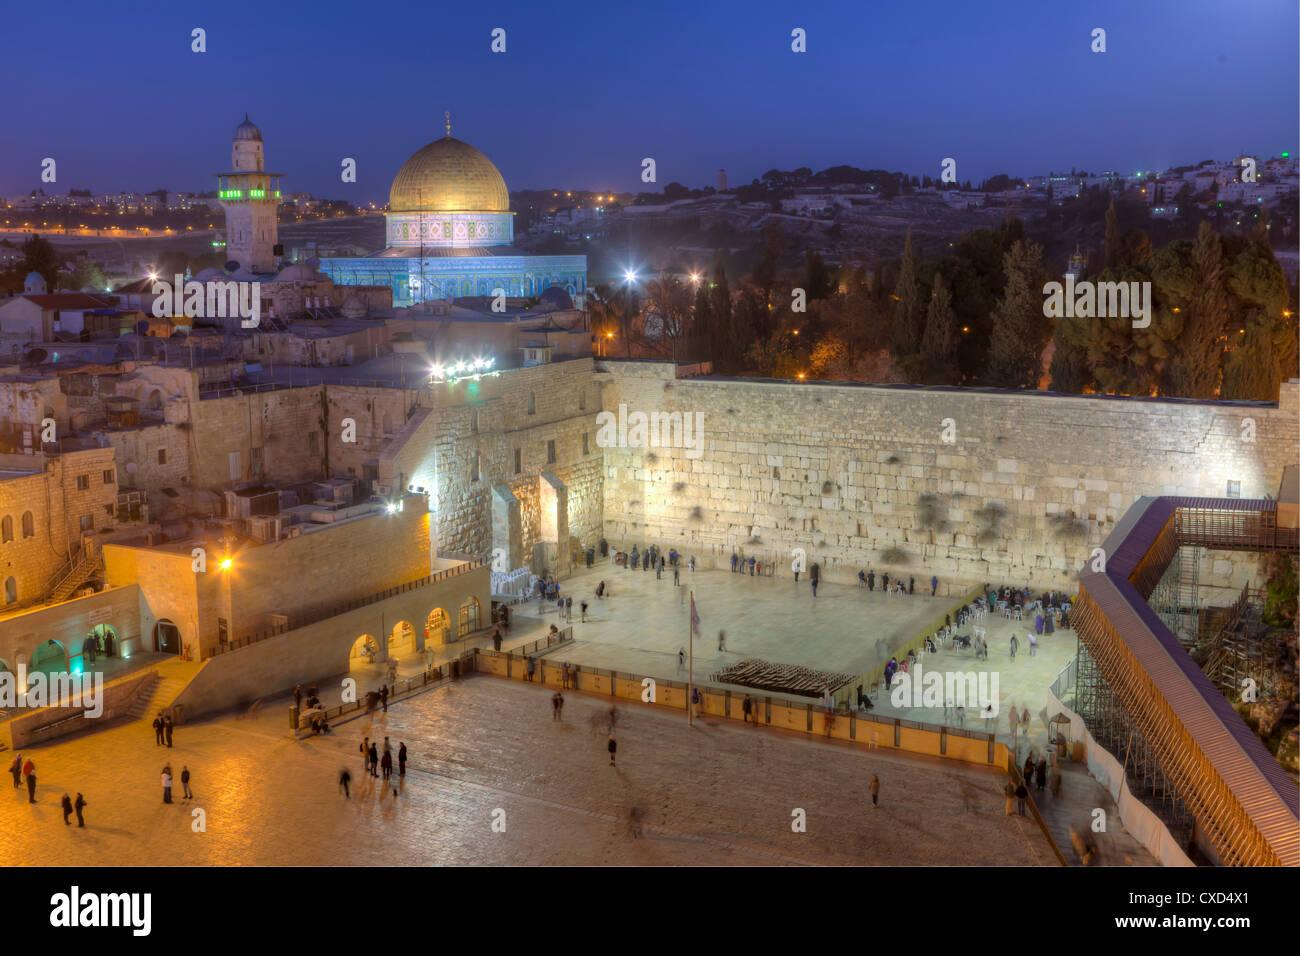 Judenviertel der westlichen Wand Plaza, Klagemauer, Altstadt, Heritge der UNESCO, Jerusalem, Israel Stockbild